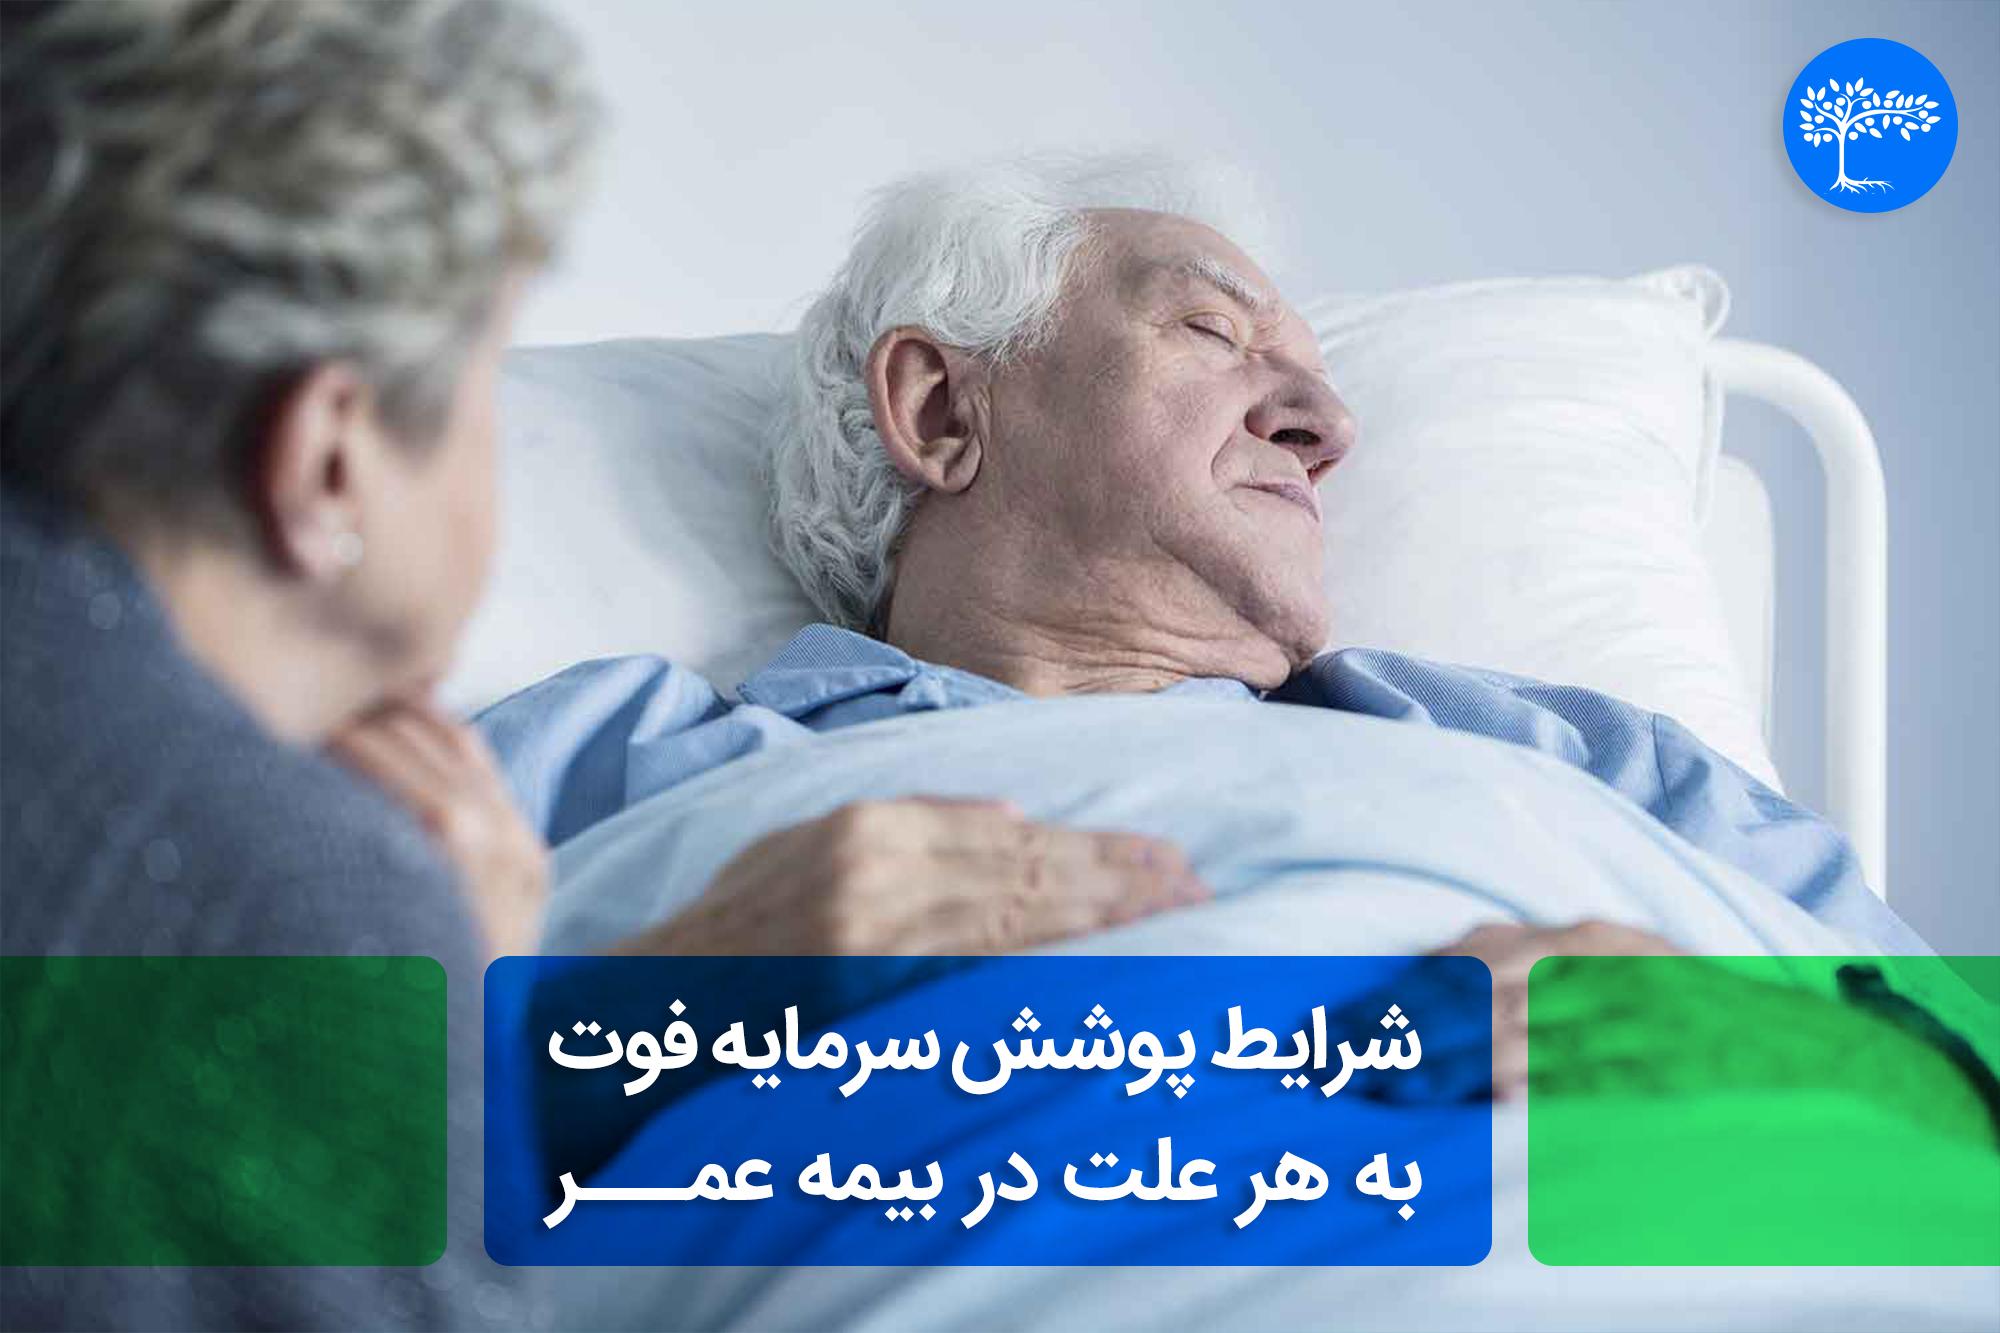 پوشش سرمایه فوت بیمه عمر